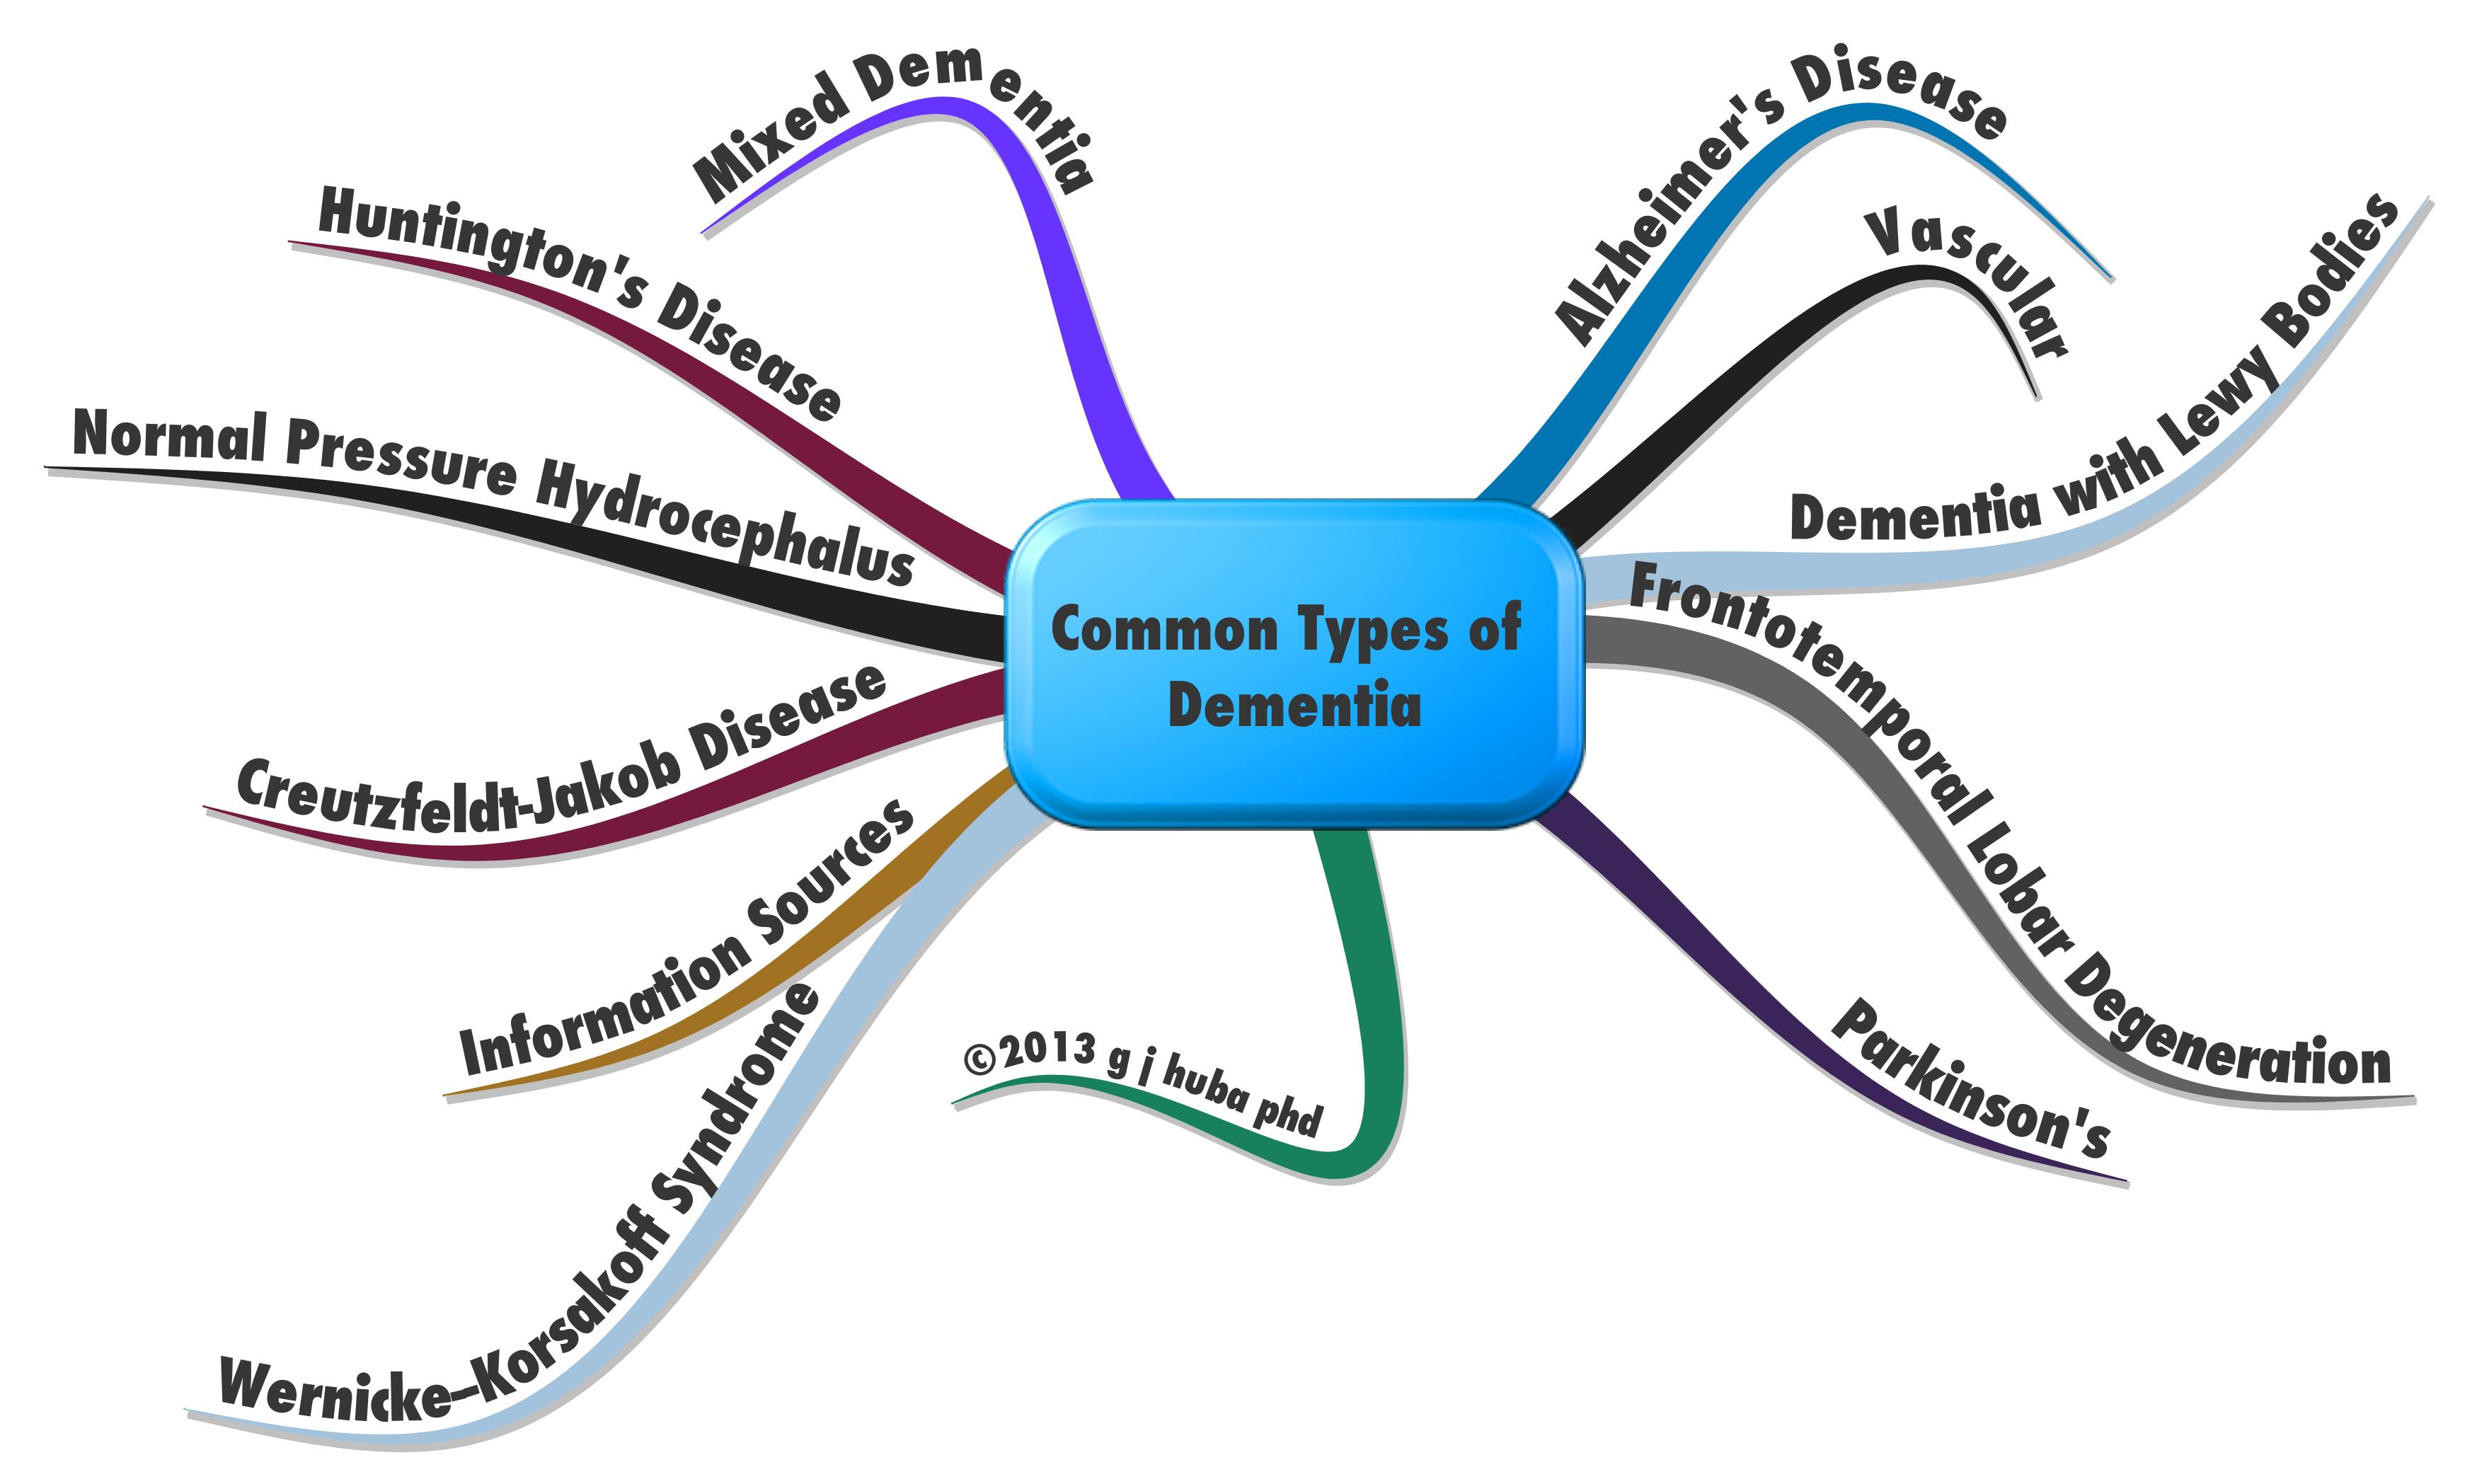 Presentation of complex scientific medical mind maps which method d style 2 altavistaventures Gallery